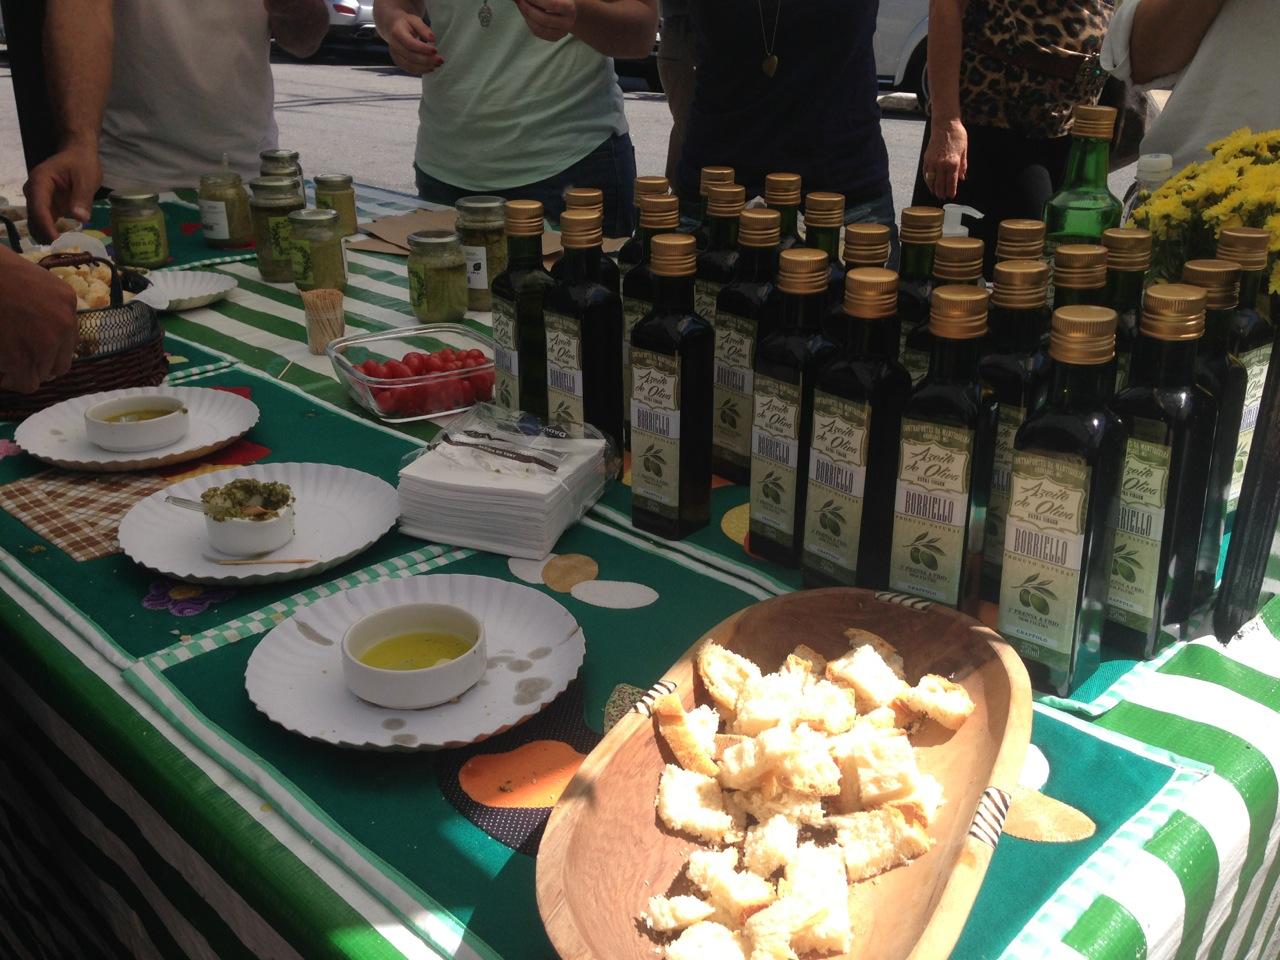 Barraca do azeite de oliva Borriello: uma farta degustação